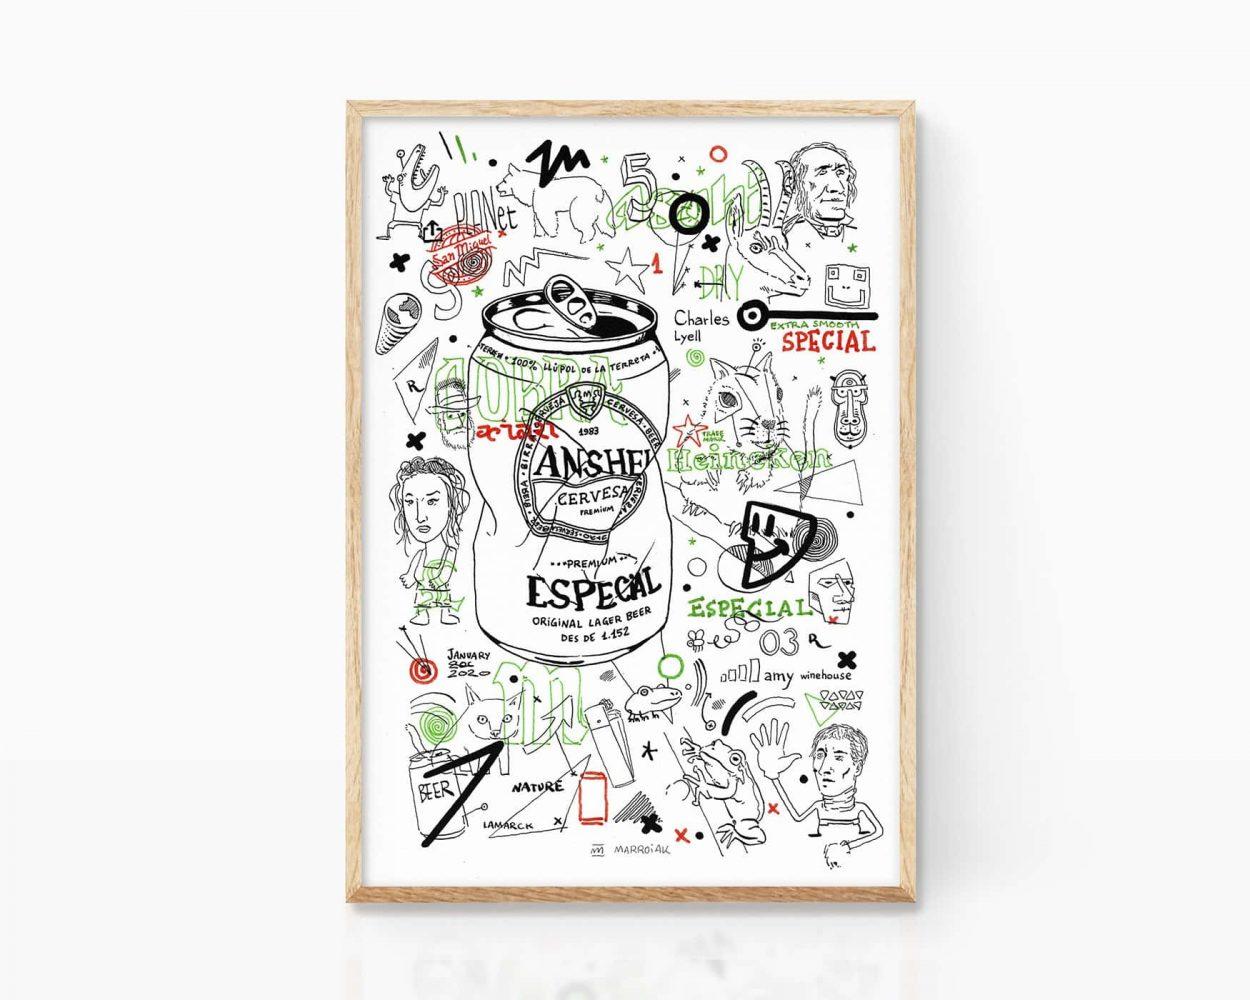 Lámina con una ilustración punk y grunge de una lata de cerveza y varios mamarrachitos. Arte urbano